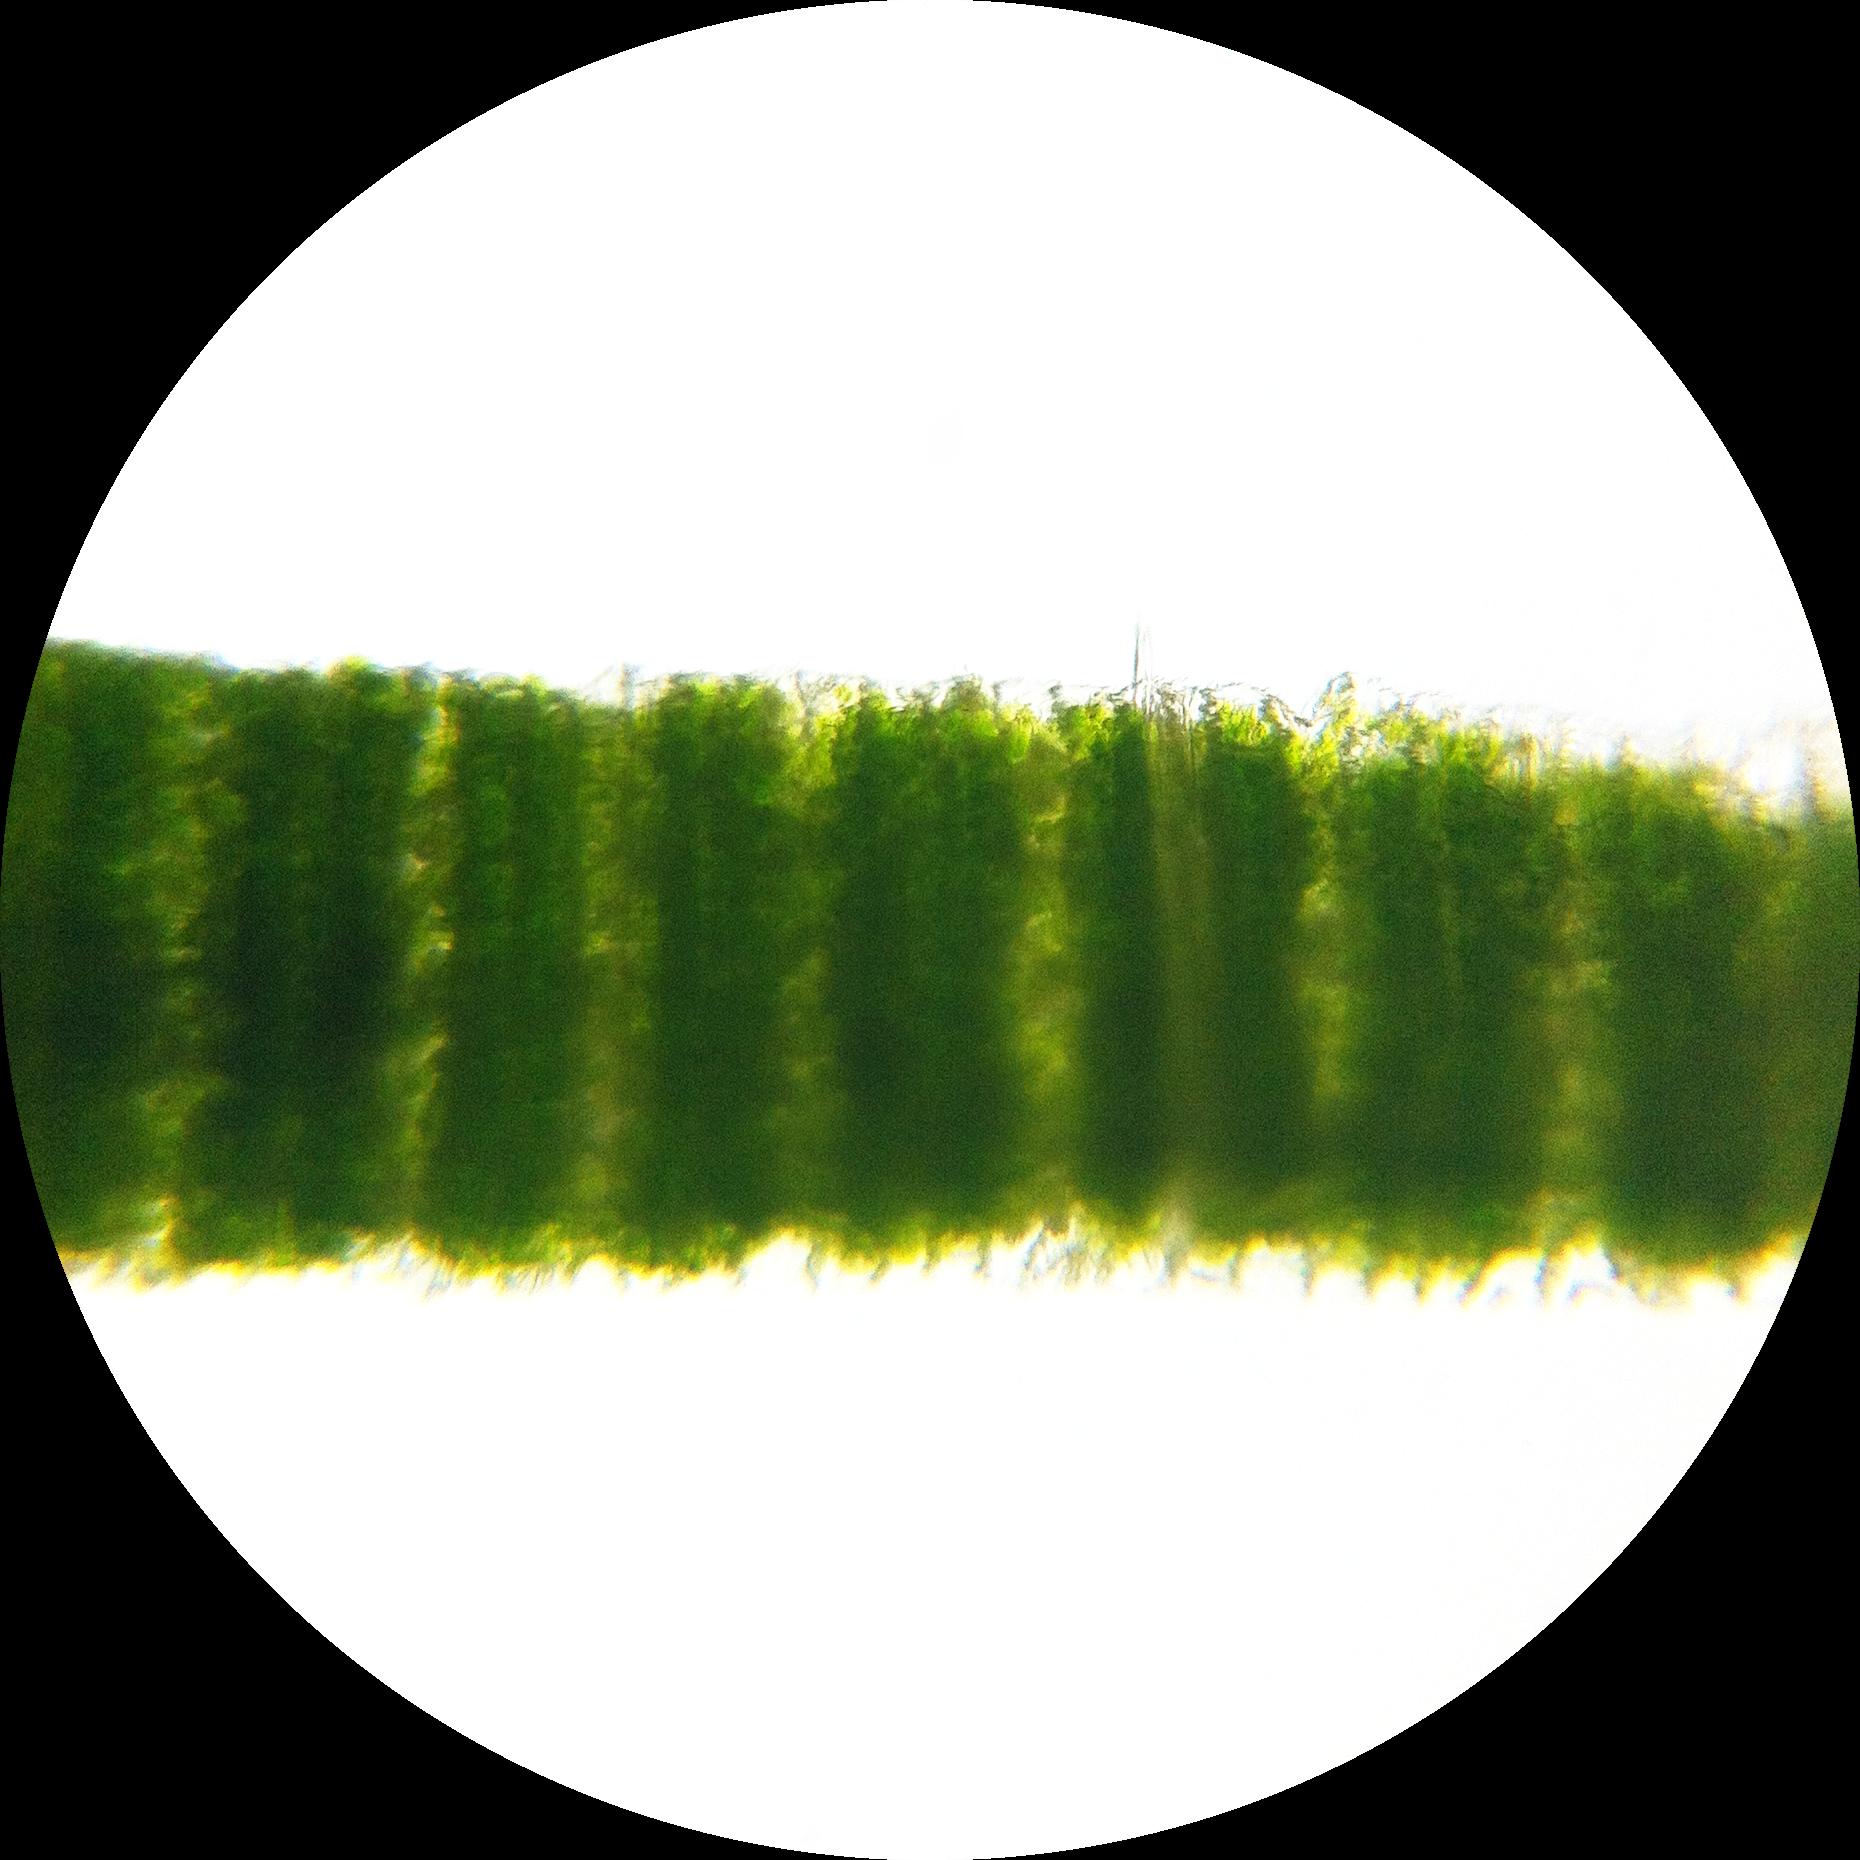 Filezea Mays Leaf Kranz Anatomy Longitudinal 200g Wikimedia